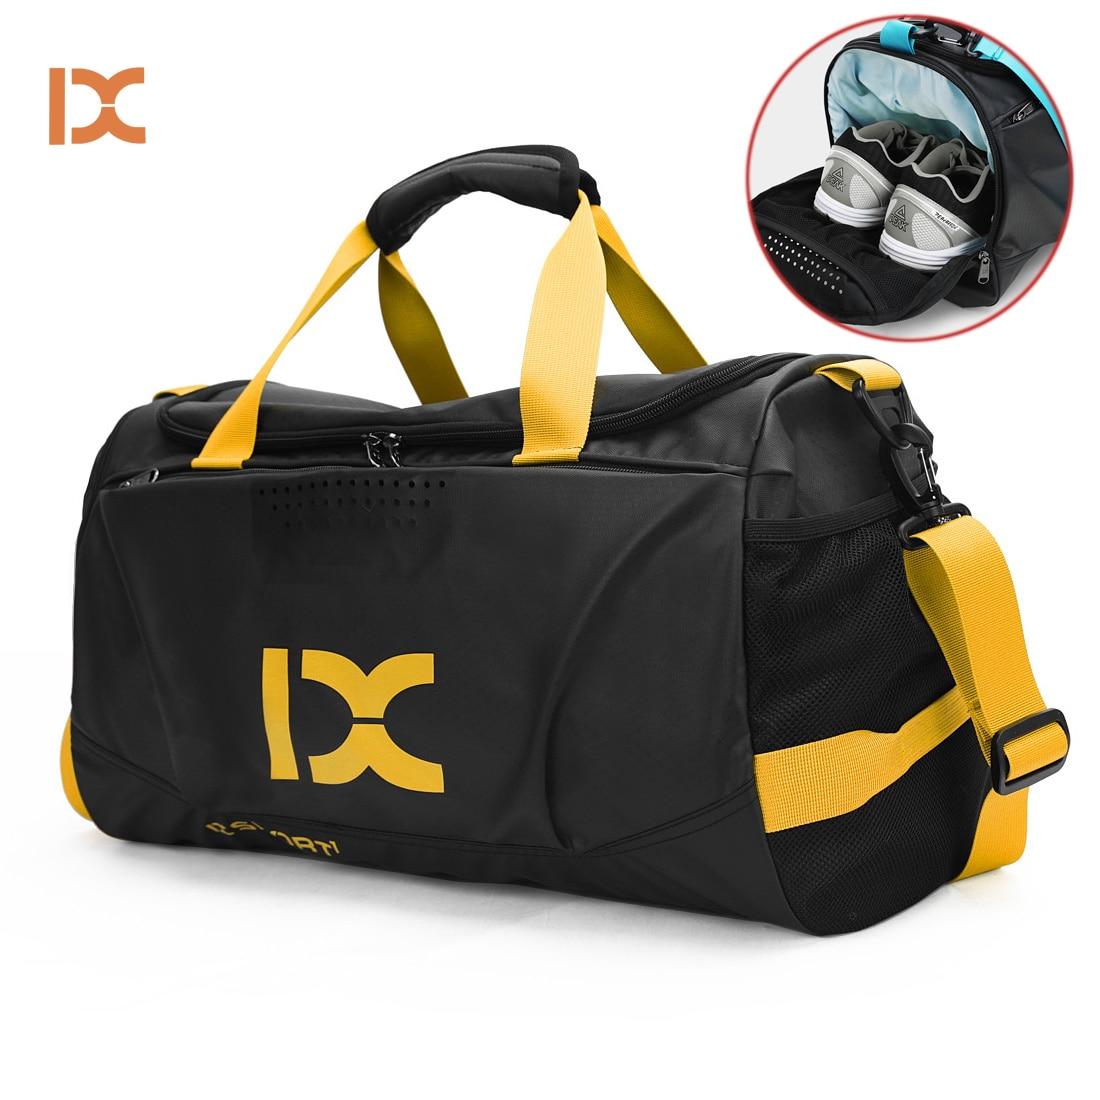 Outdoor Dry Wet Separate Gym Bags Tas For Fitness Big Sac De Sports Bag For Shoes Woman Training Gymtas Bolsa Deporte Handbags